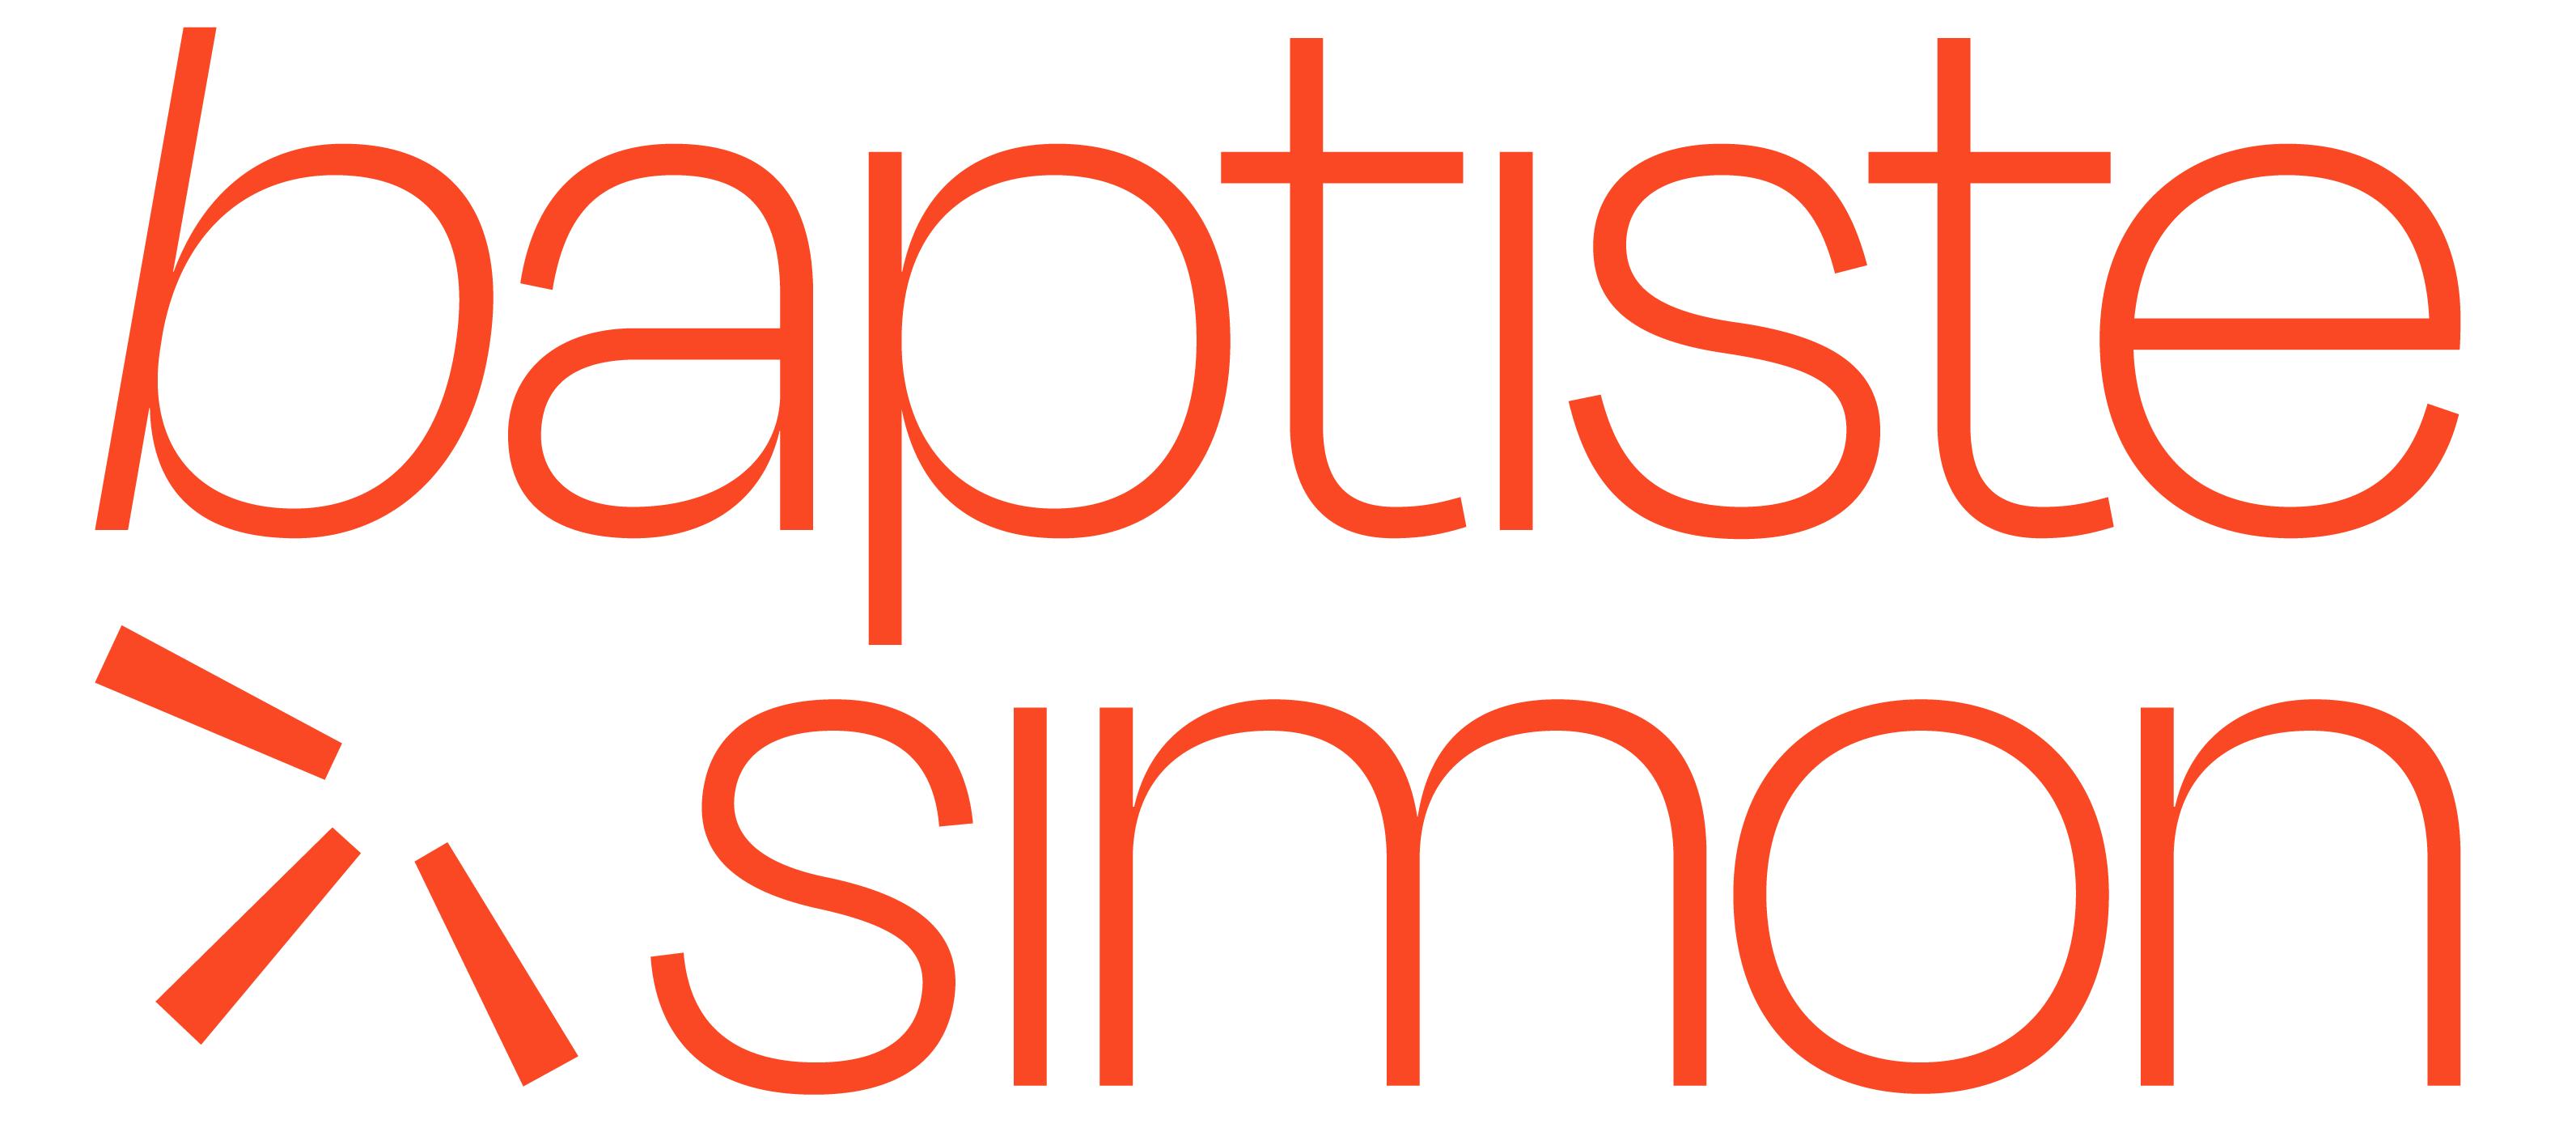 Audé / Baptiste Simon